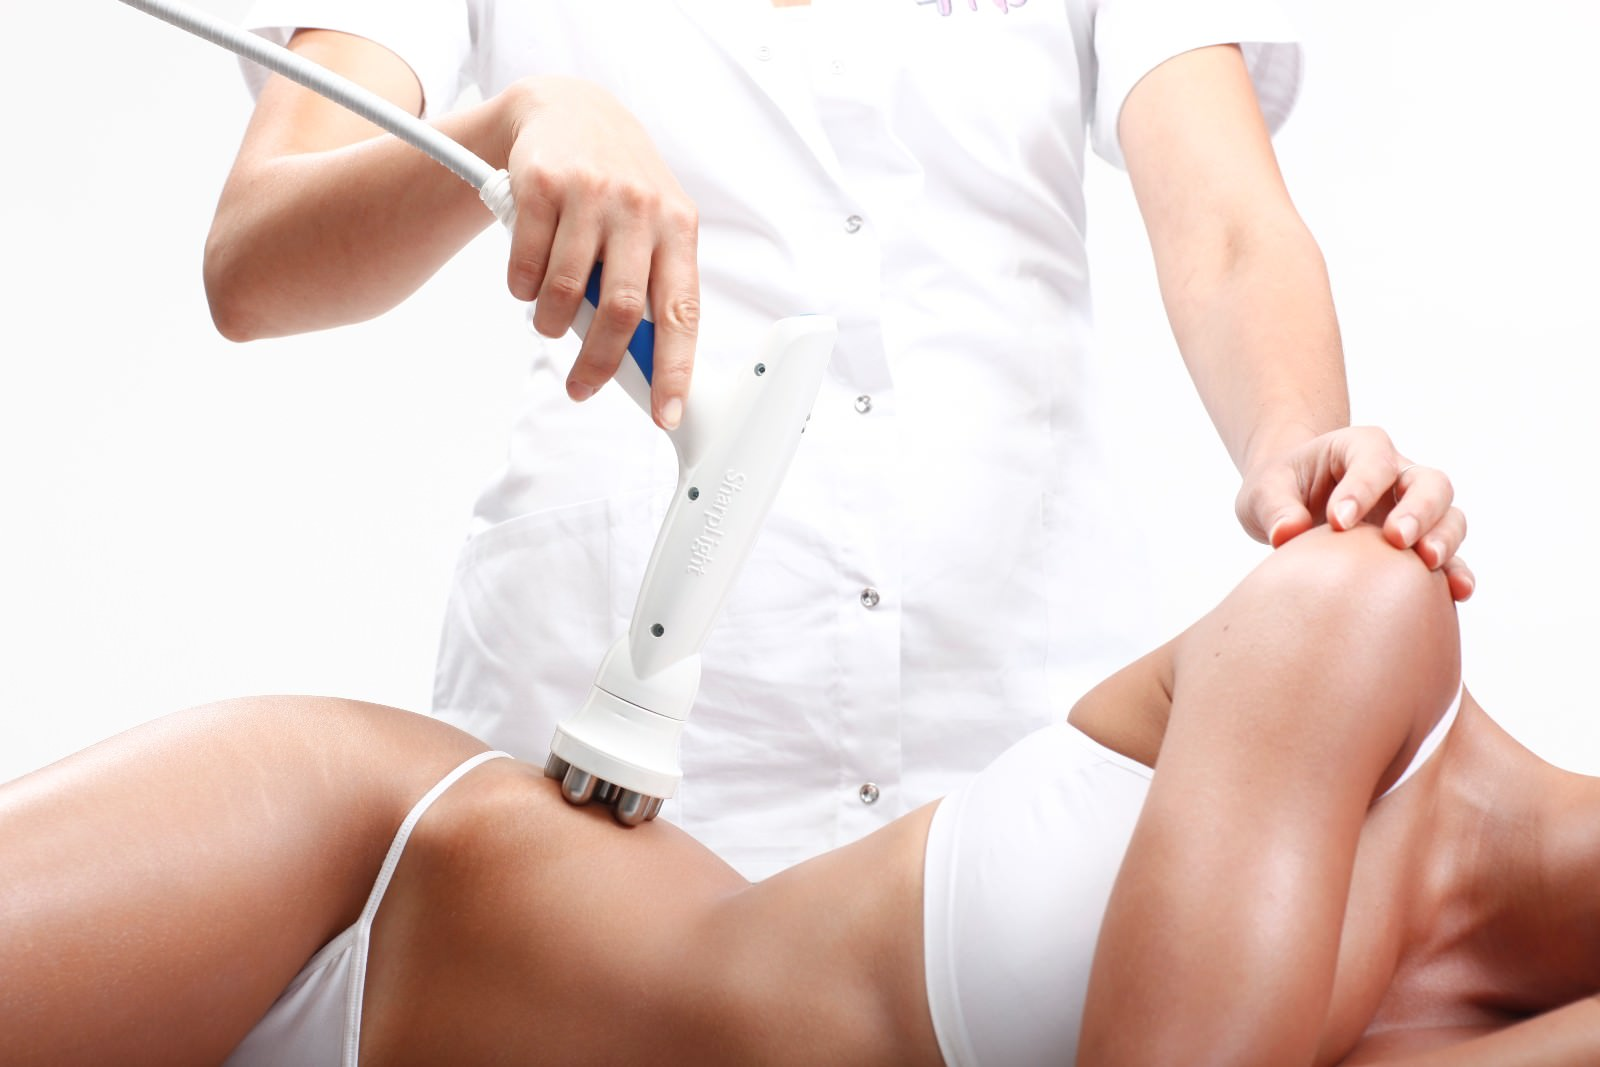 Аллергия на озон. Внутривенная и подкожная озонотерапия для похудения — работающая методика или впустую потраченные деньги